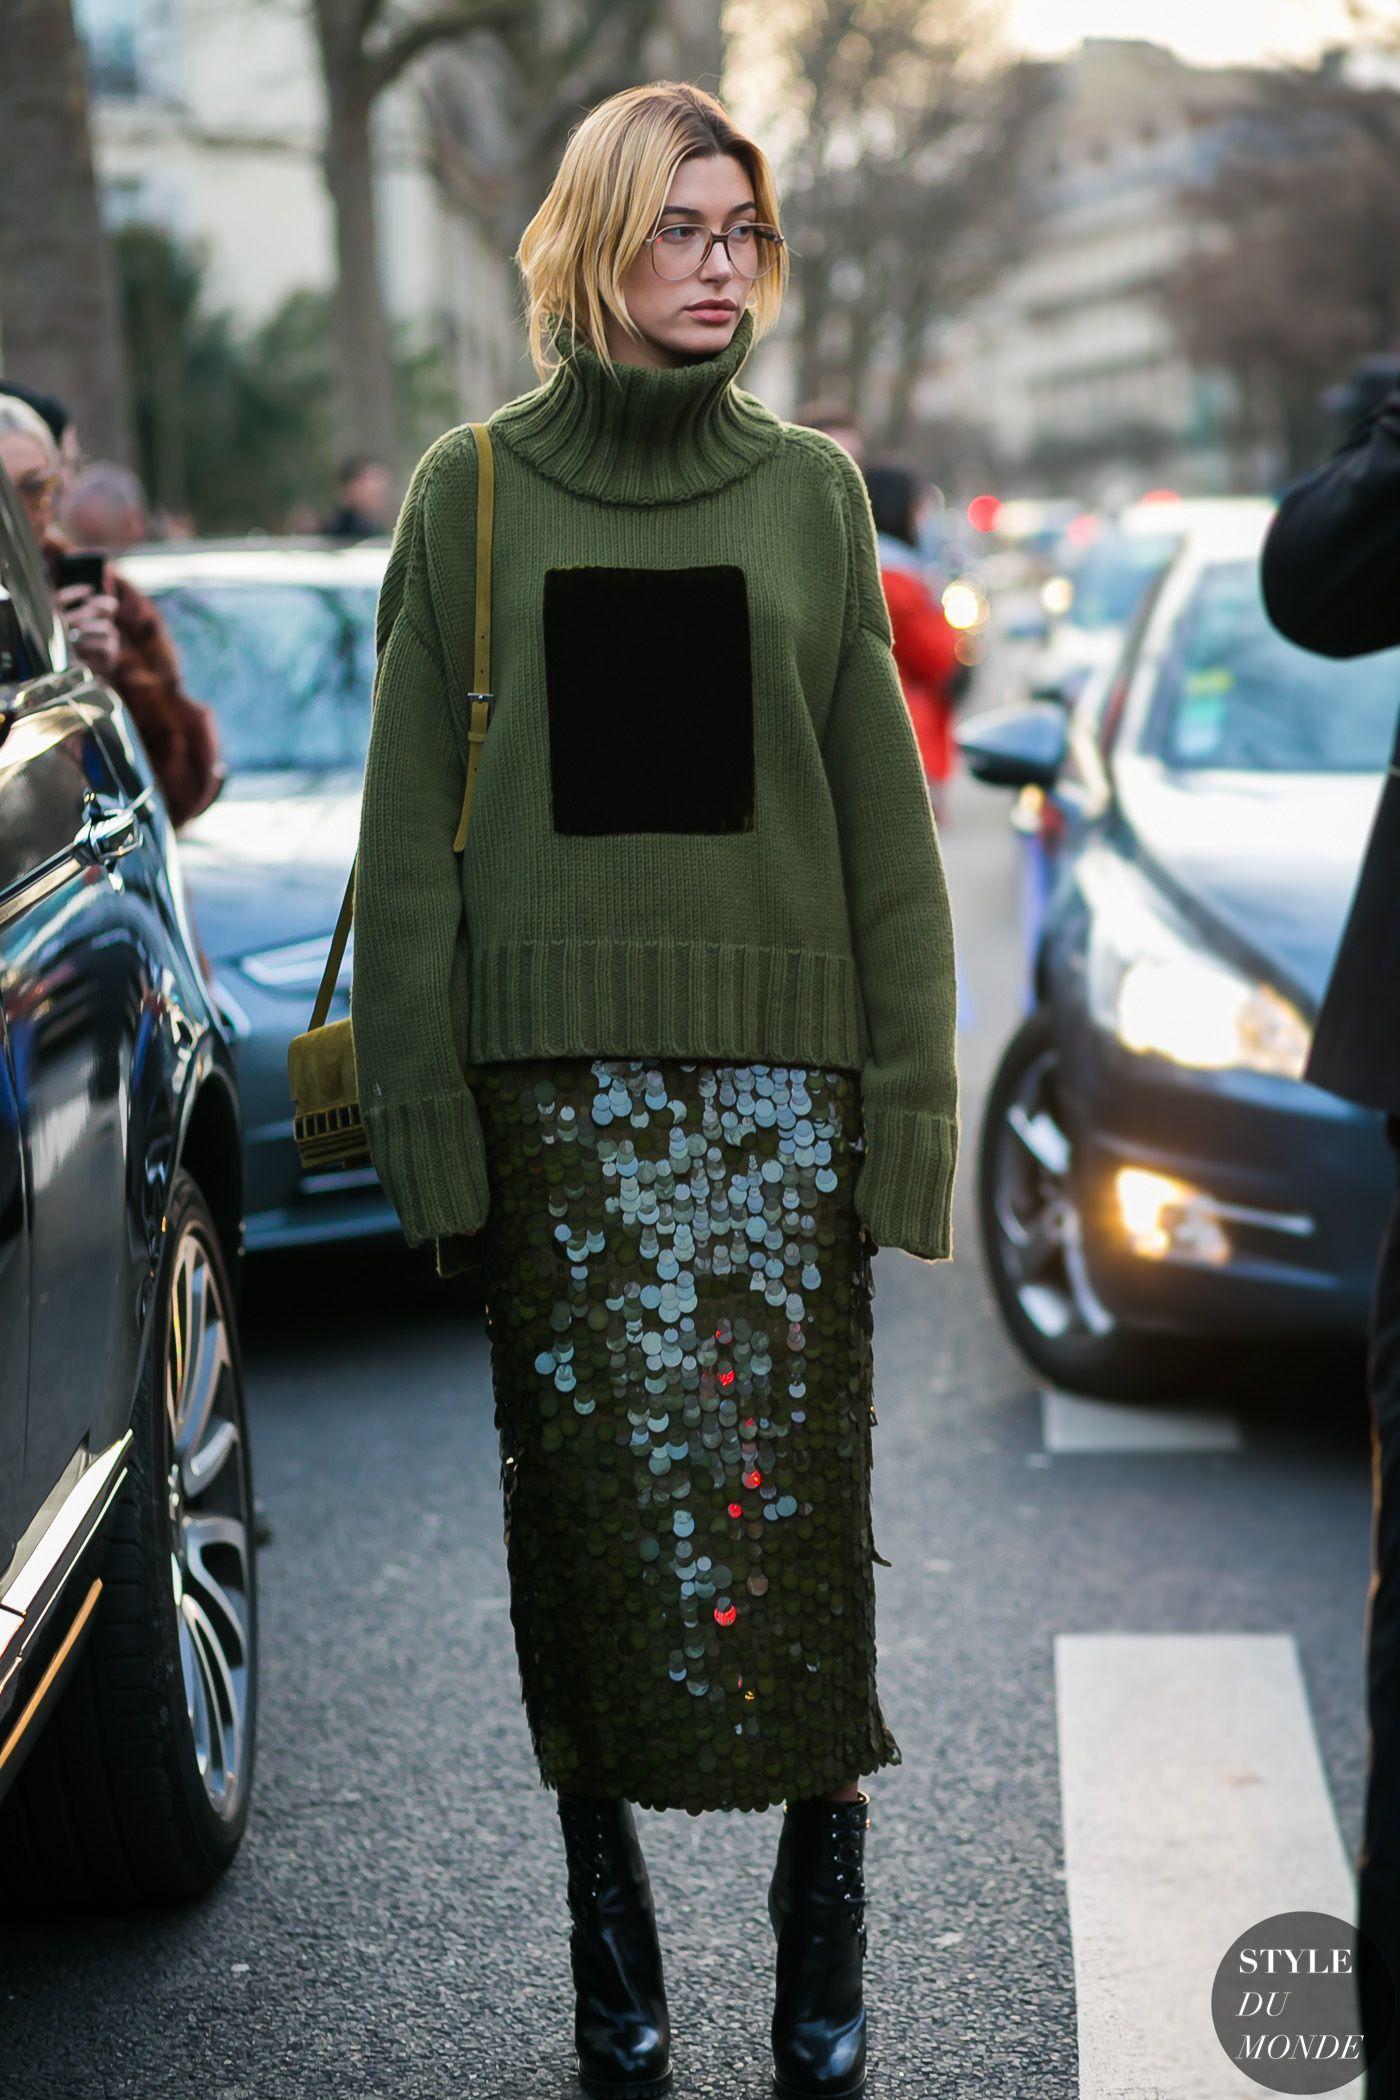 Ένα μακρύ φόρεμα με παγιέτες σε ασημί-γκρι απόχρωση θα κλέψει την παράσταση  και θα σας κάνει αυτόματα την